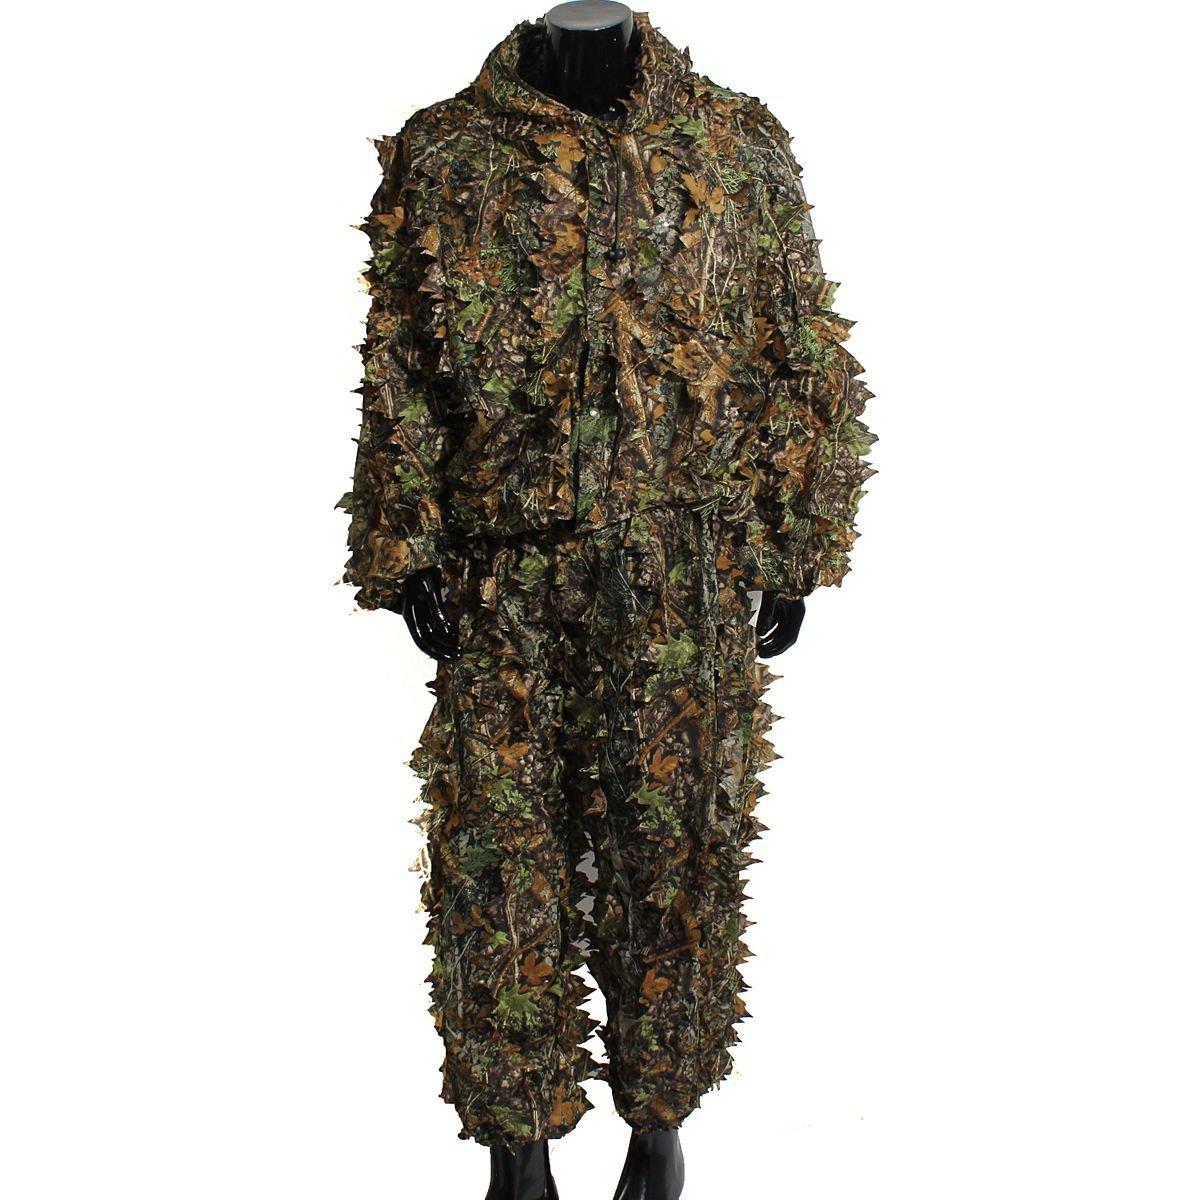 /traje de NV /_ 1001005076-nhuk17//_ 1796 Generic o-1-o-5076-o R tallo de caza ciervo NTING D Woodland camuflaje//camuflaje mouflag hoja en 3d adultos tierra ca acecho En Llie su/